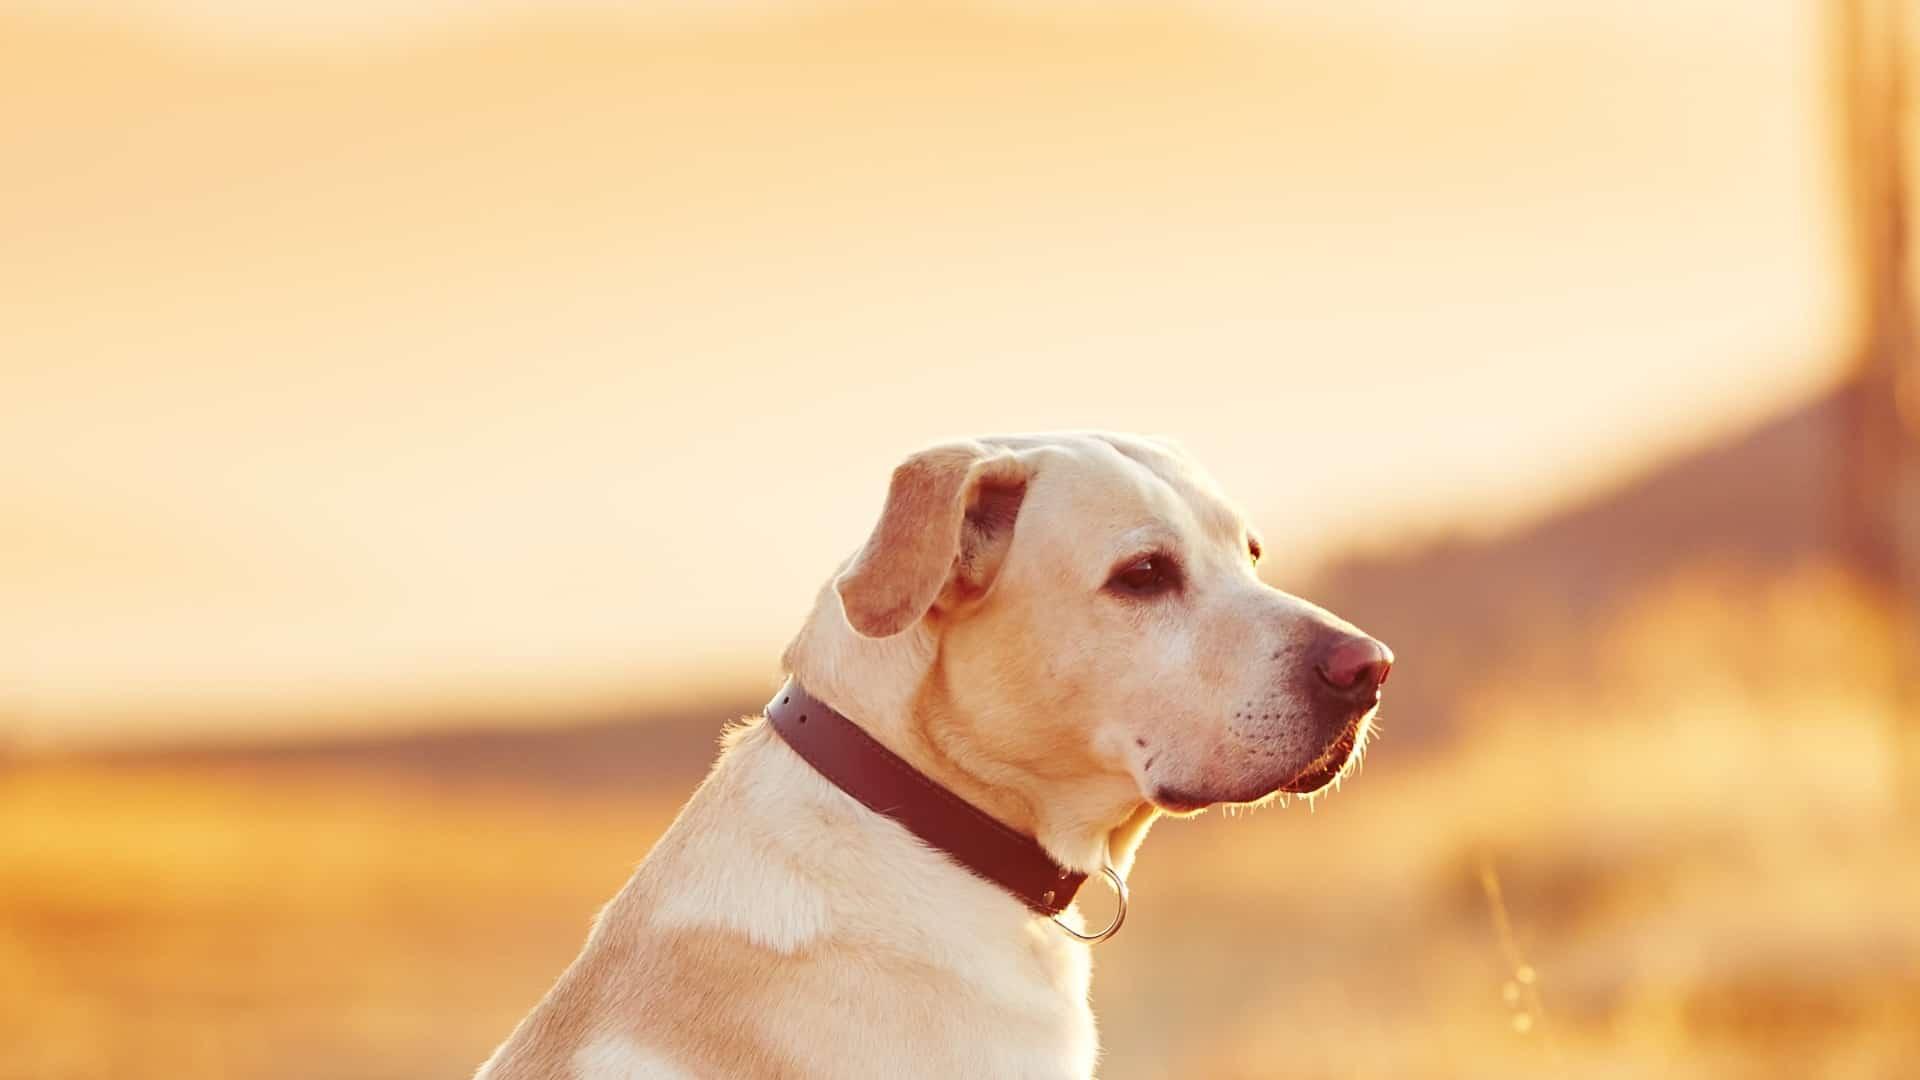 Miglior collare antipulci per cane 2020: Guida all'acquisto